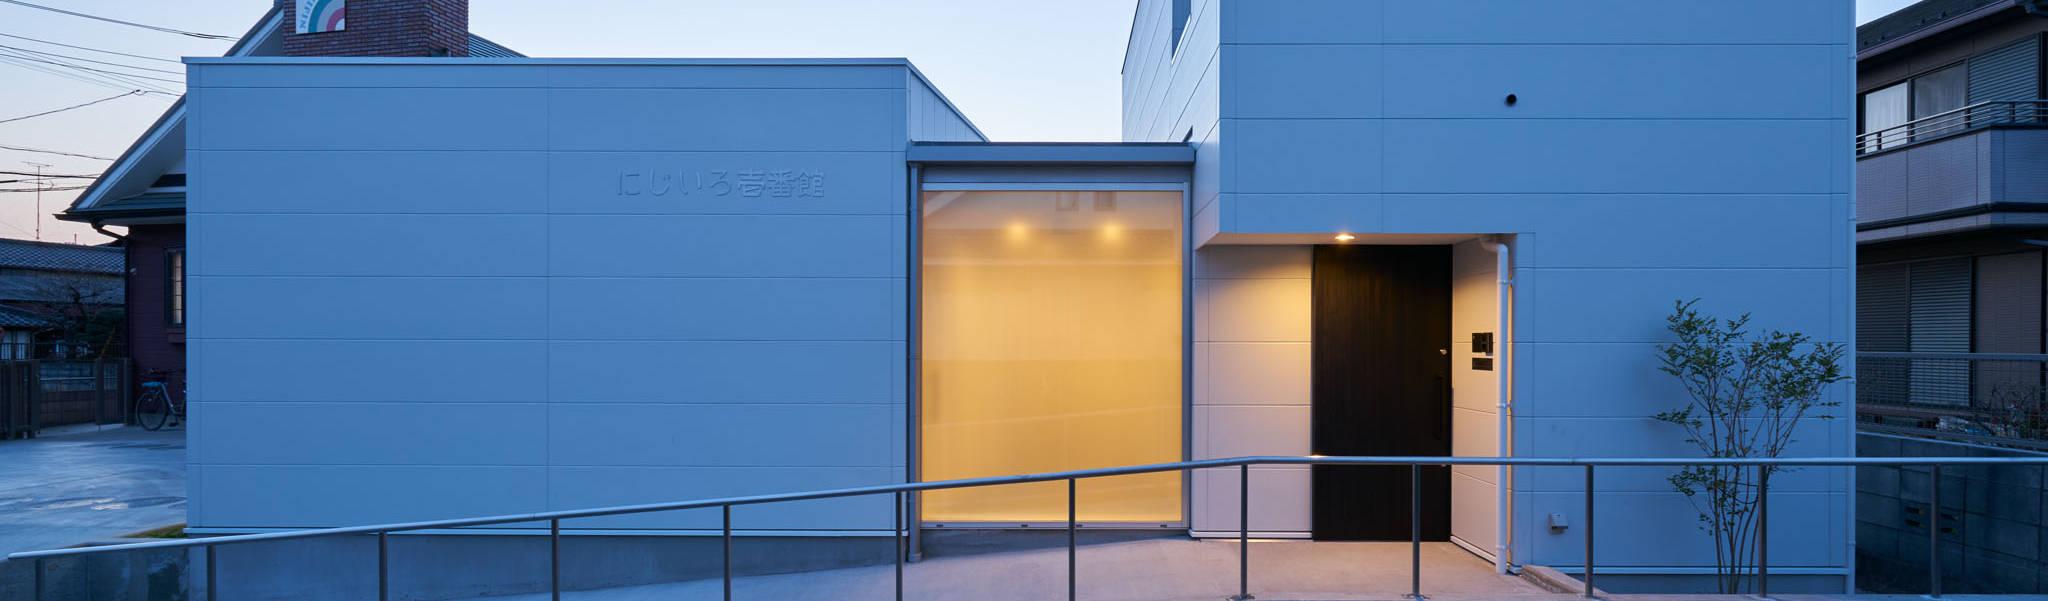 山本晃之建築設計事務所